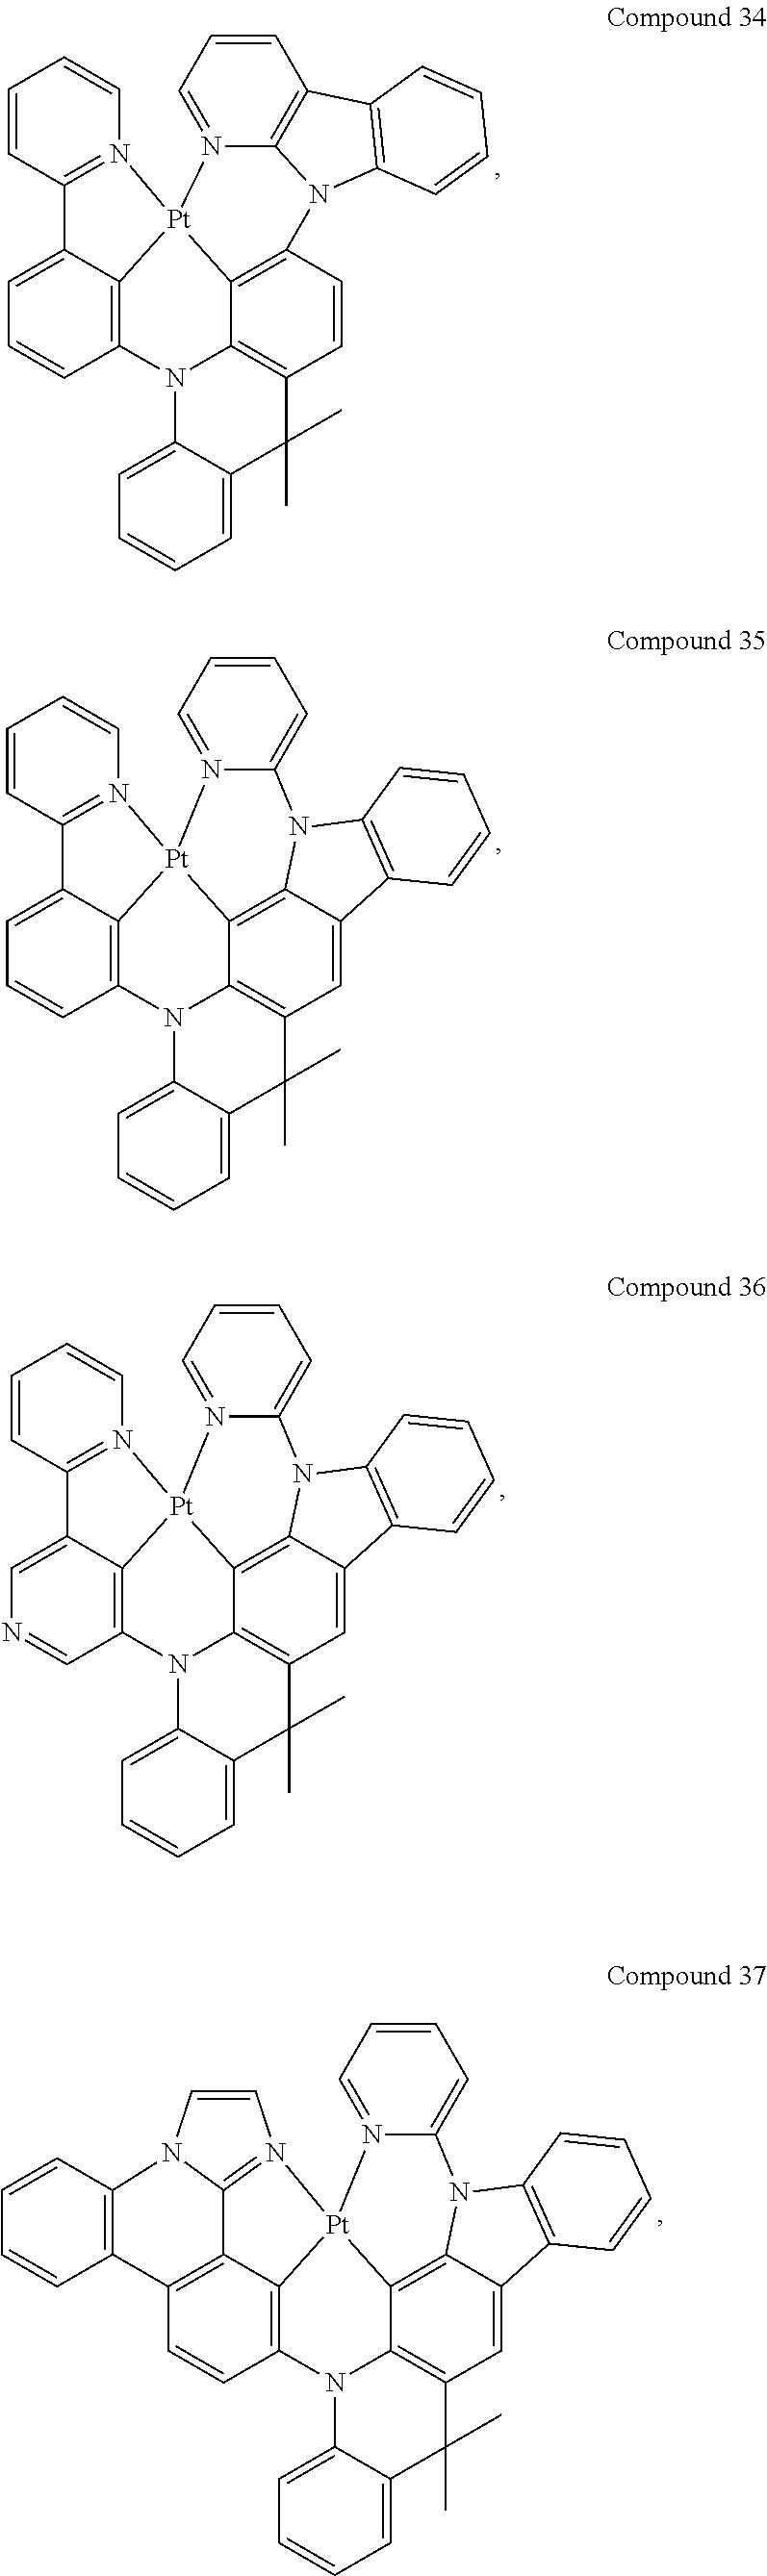 Figure US09312505-20160412-C00021